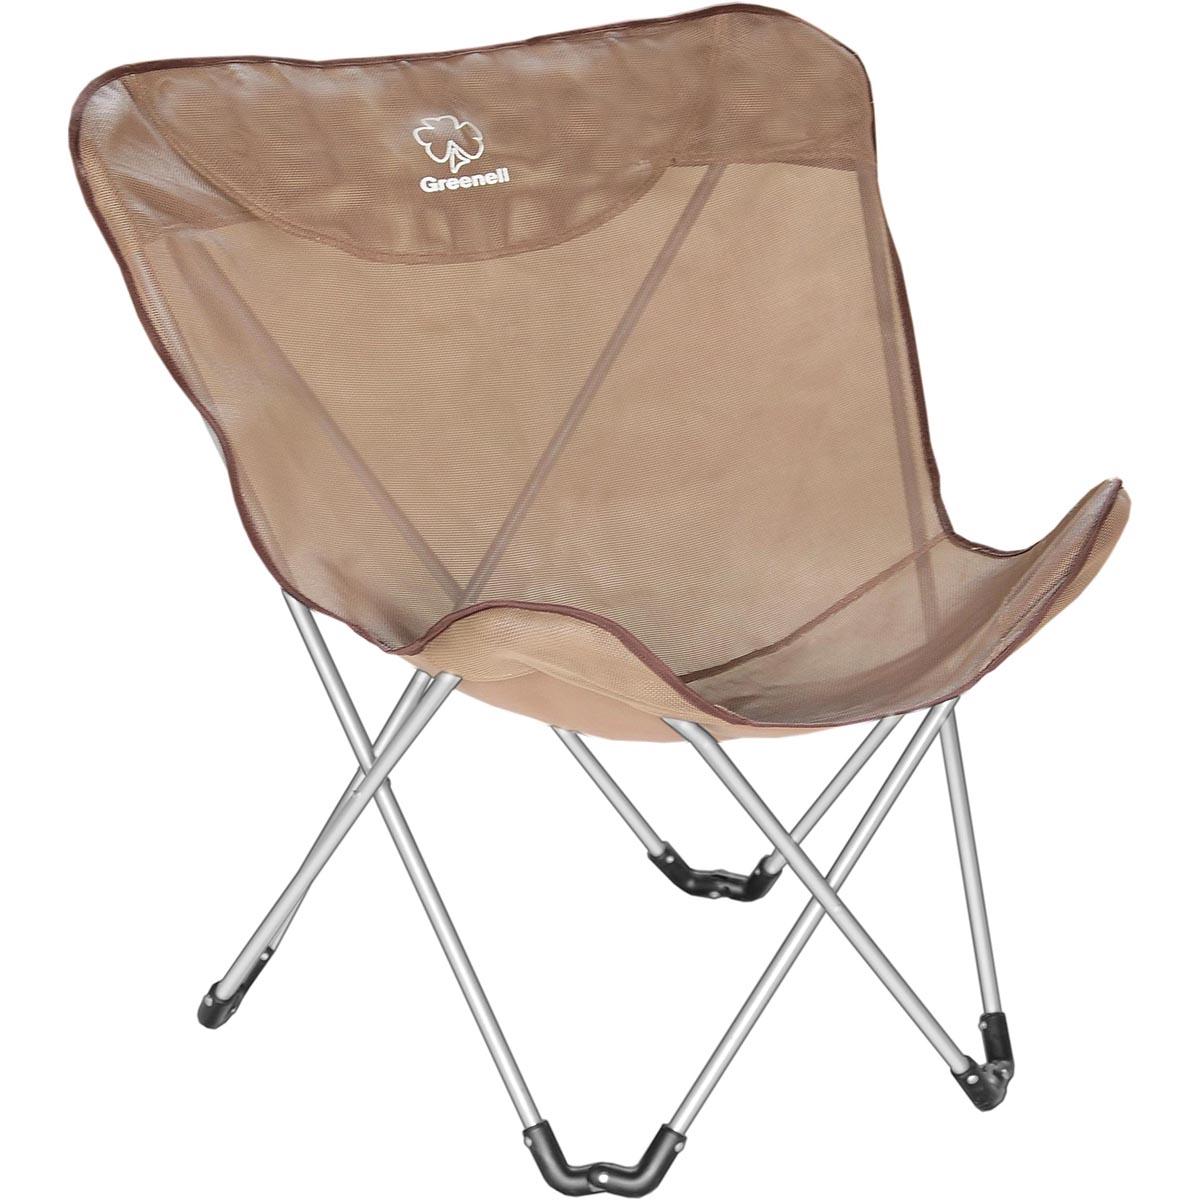 Кресло складное Greenell Баттерфляй FC-14, цвет: коричневый, 120 кг09840-20.000.00Складное кресло Greenell очень удобно для отдыха на природе, рыбалке, в походе.Кресло хорошо вентилируется.Оно компактно складывается и занимает мало места, а раскладывается как коляска-трость.Материал устойчив к ультафиолету и быстро сохнет.Стальной каркас кресла рассчитан на нагрузку до 120 кг.